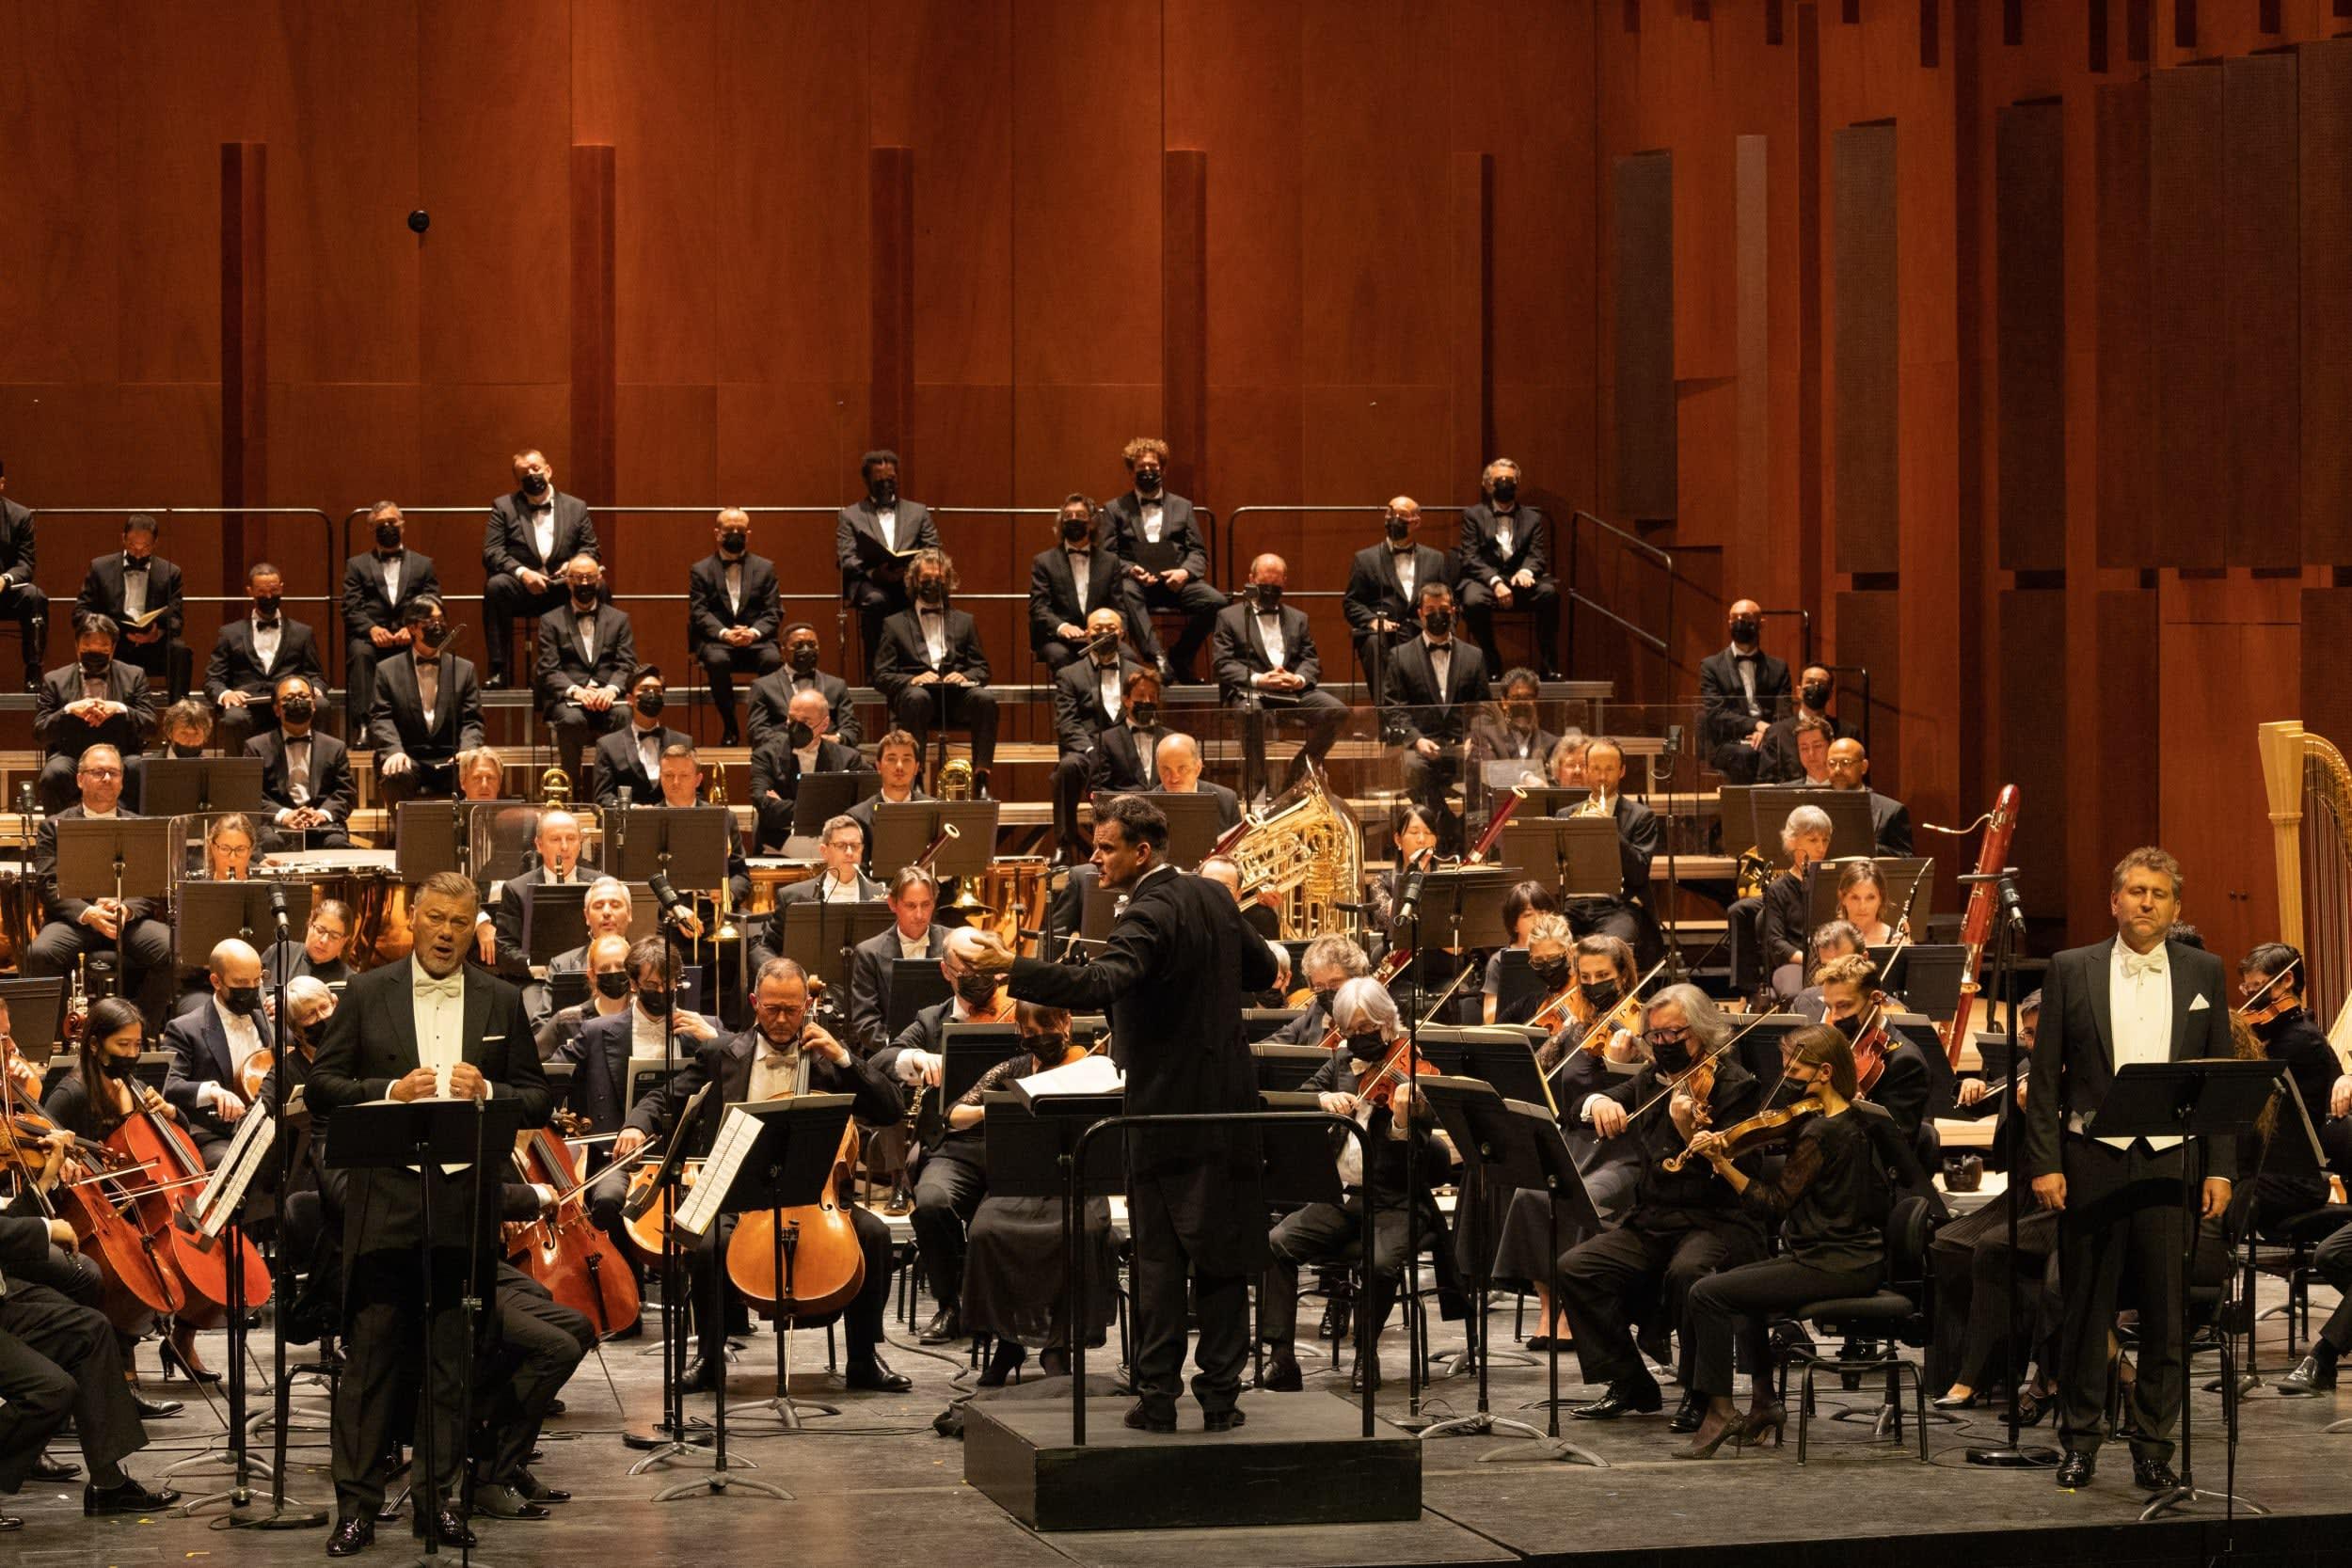 Concert exceptionnel - Philippe Jordan - 6